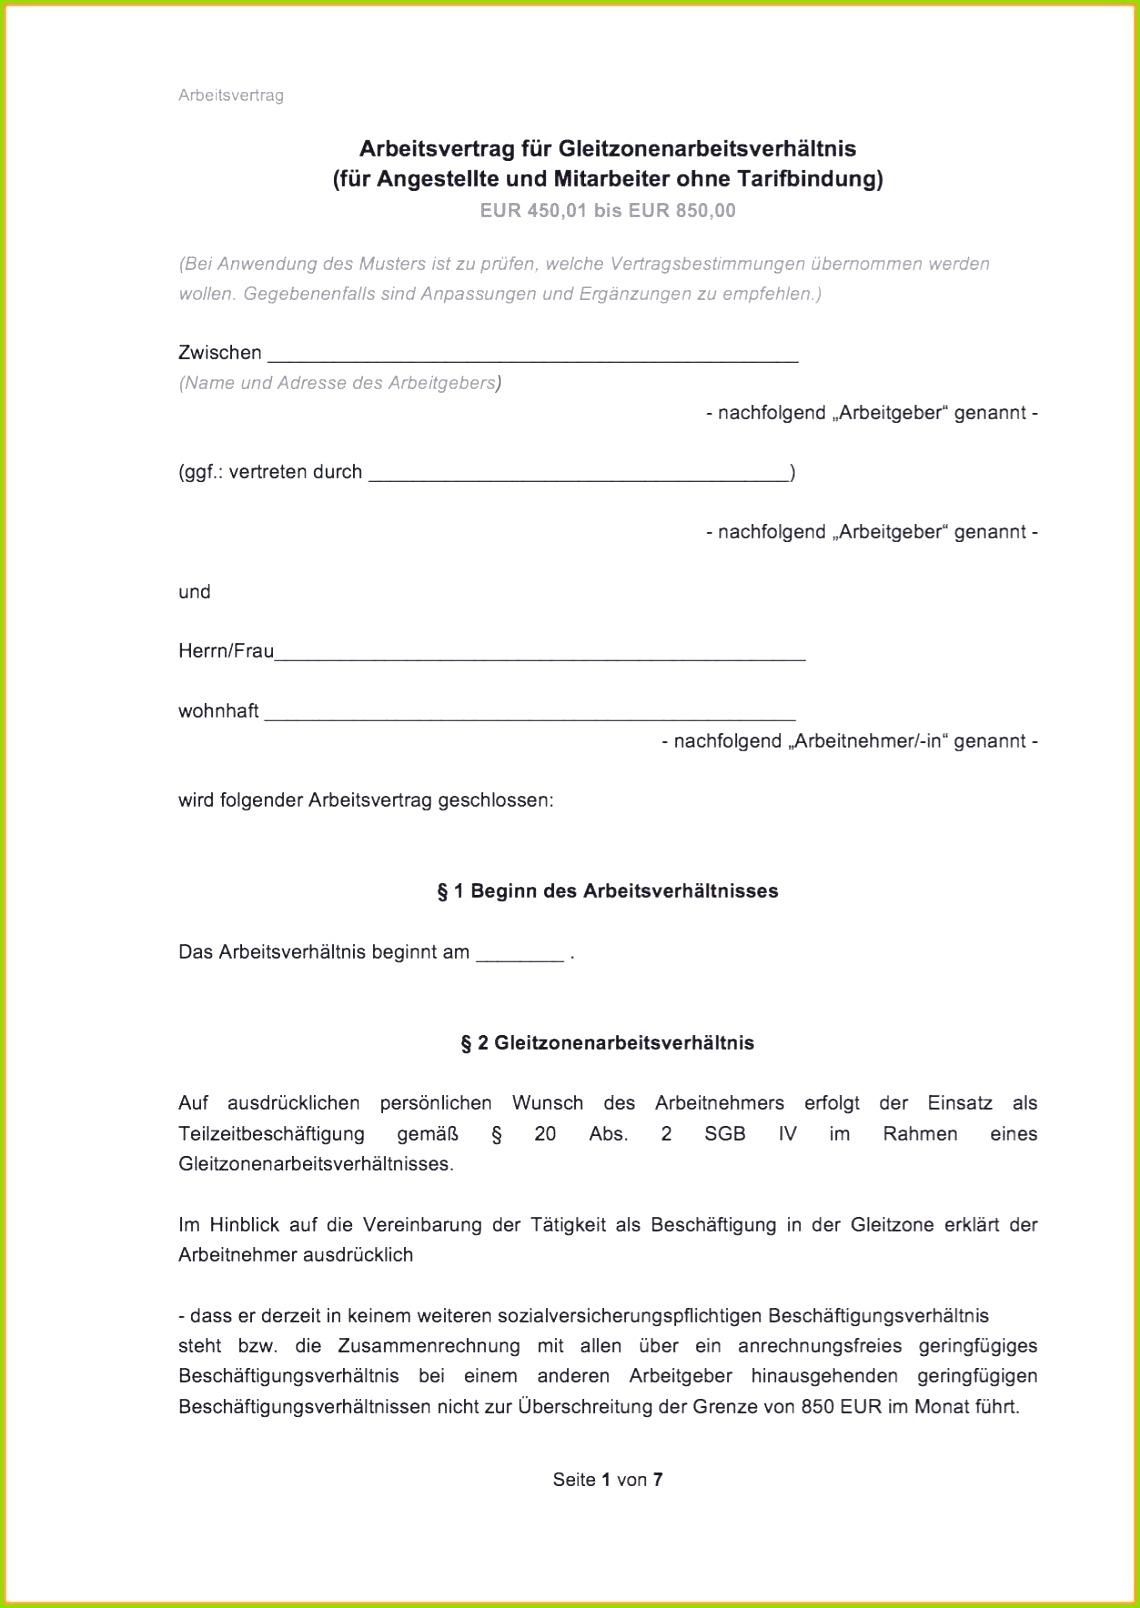 9 vertrag vorlage Groß Vorlage Für Den Vertrag Fotos Entry Level Resume Vorlagen – Vollmacht Krankenkasse